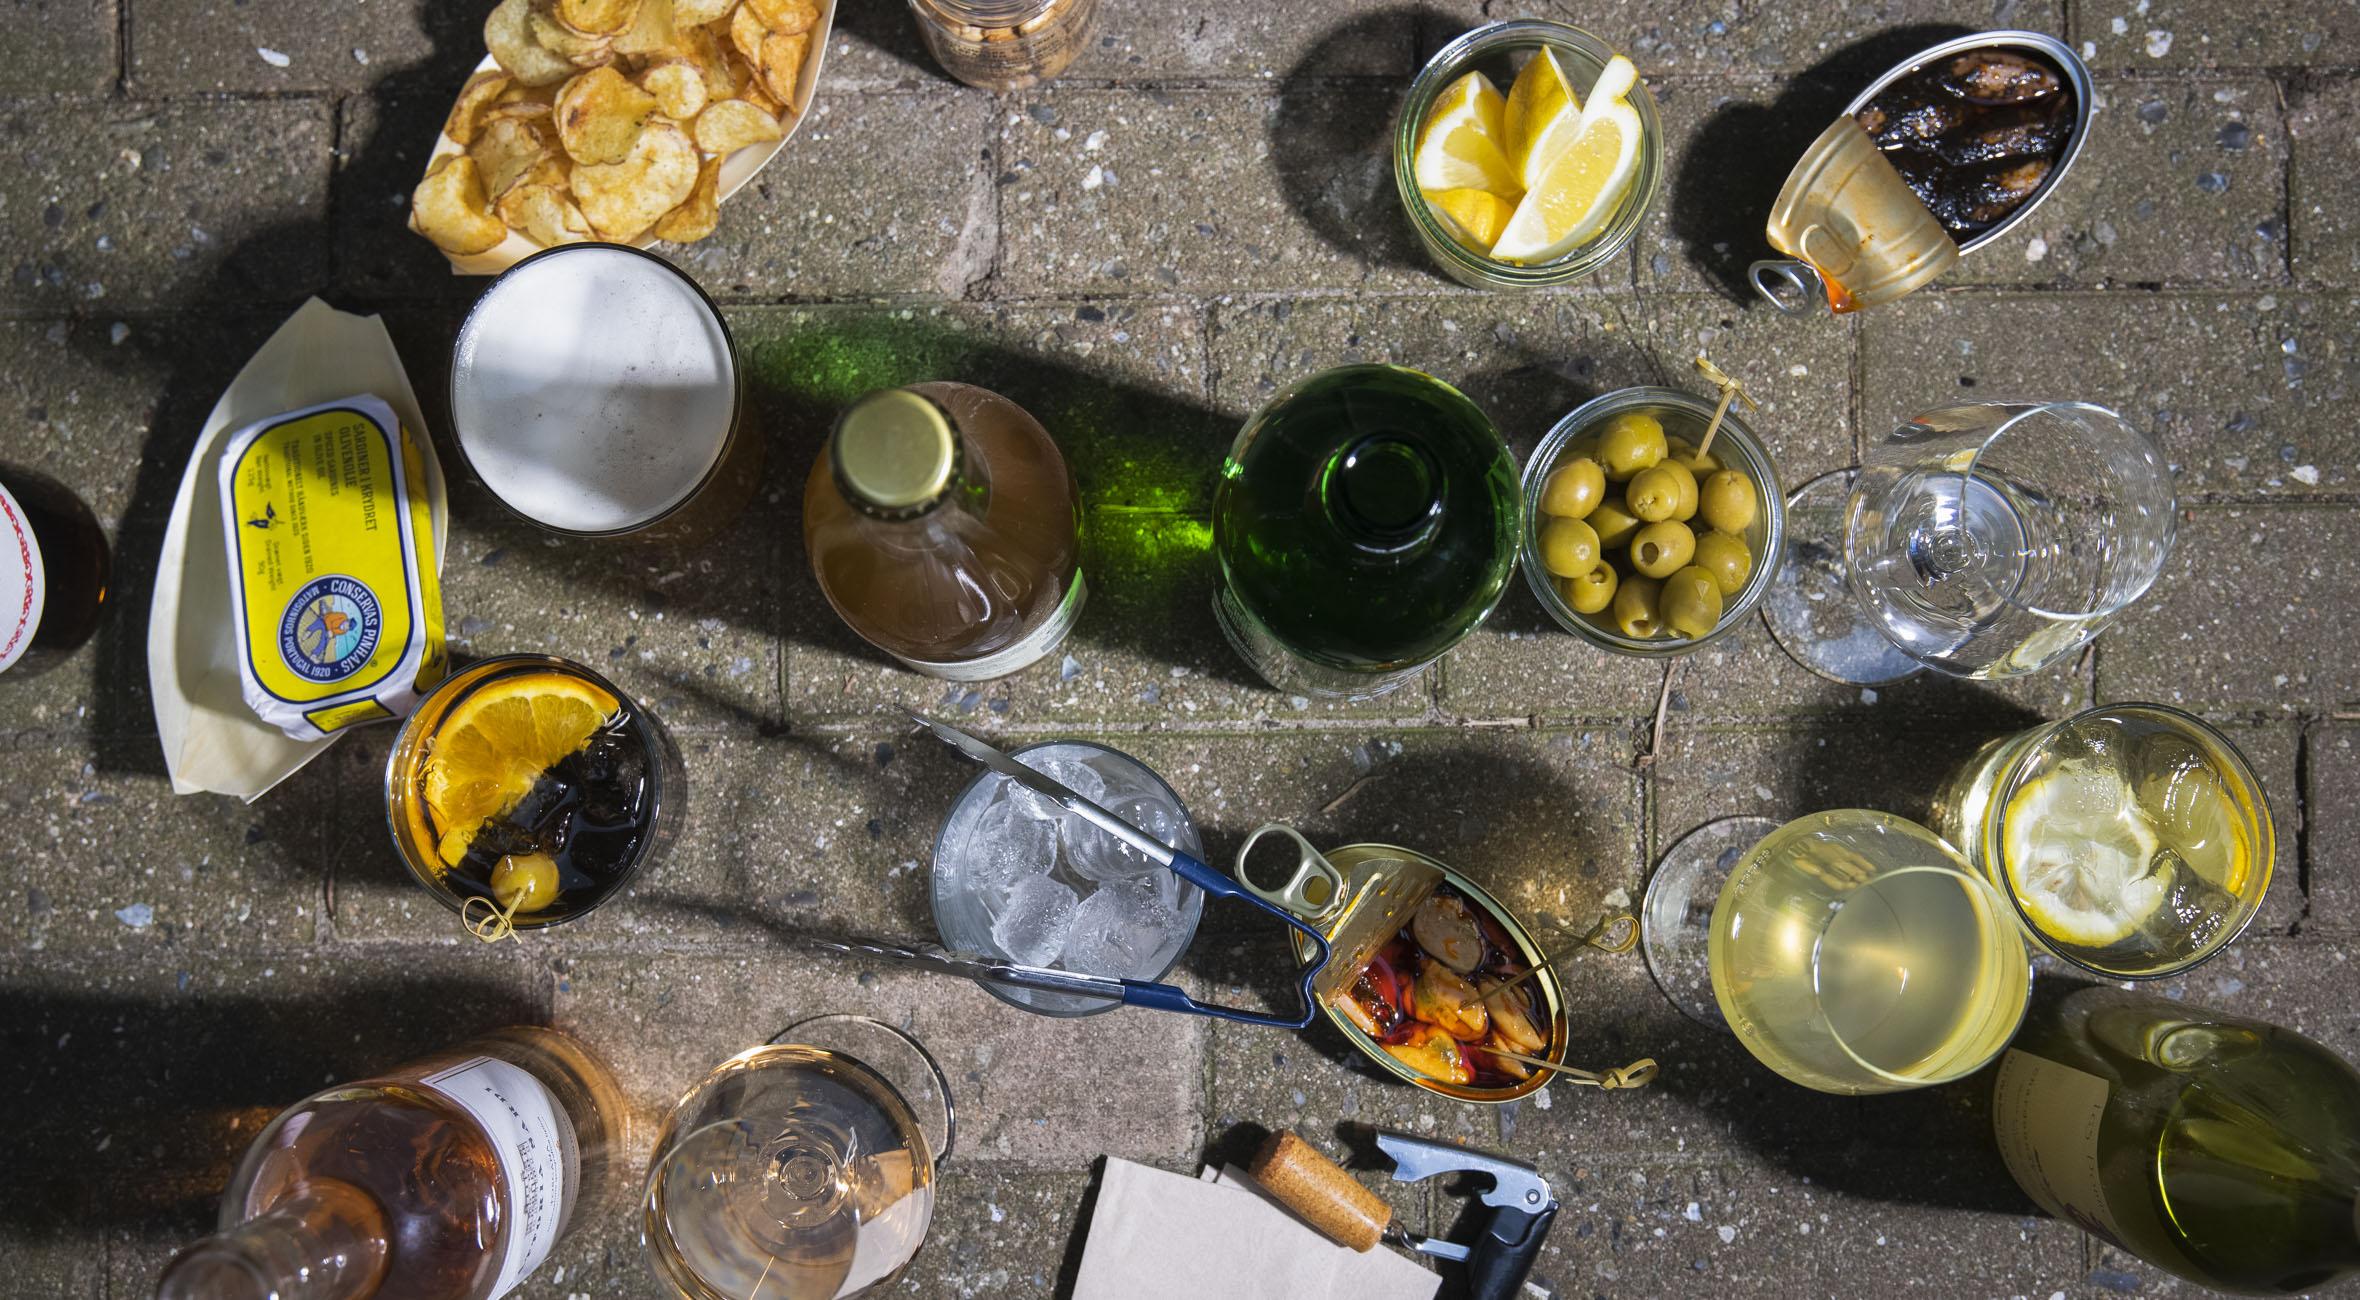 Frit valg til alt hos Enghave Plads 9 – Populær hul-i-væggen-bar og købmand lokker med alt fra øl til naturvin, cider, is & snacks